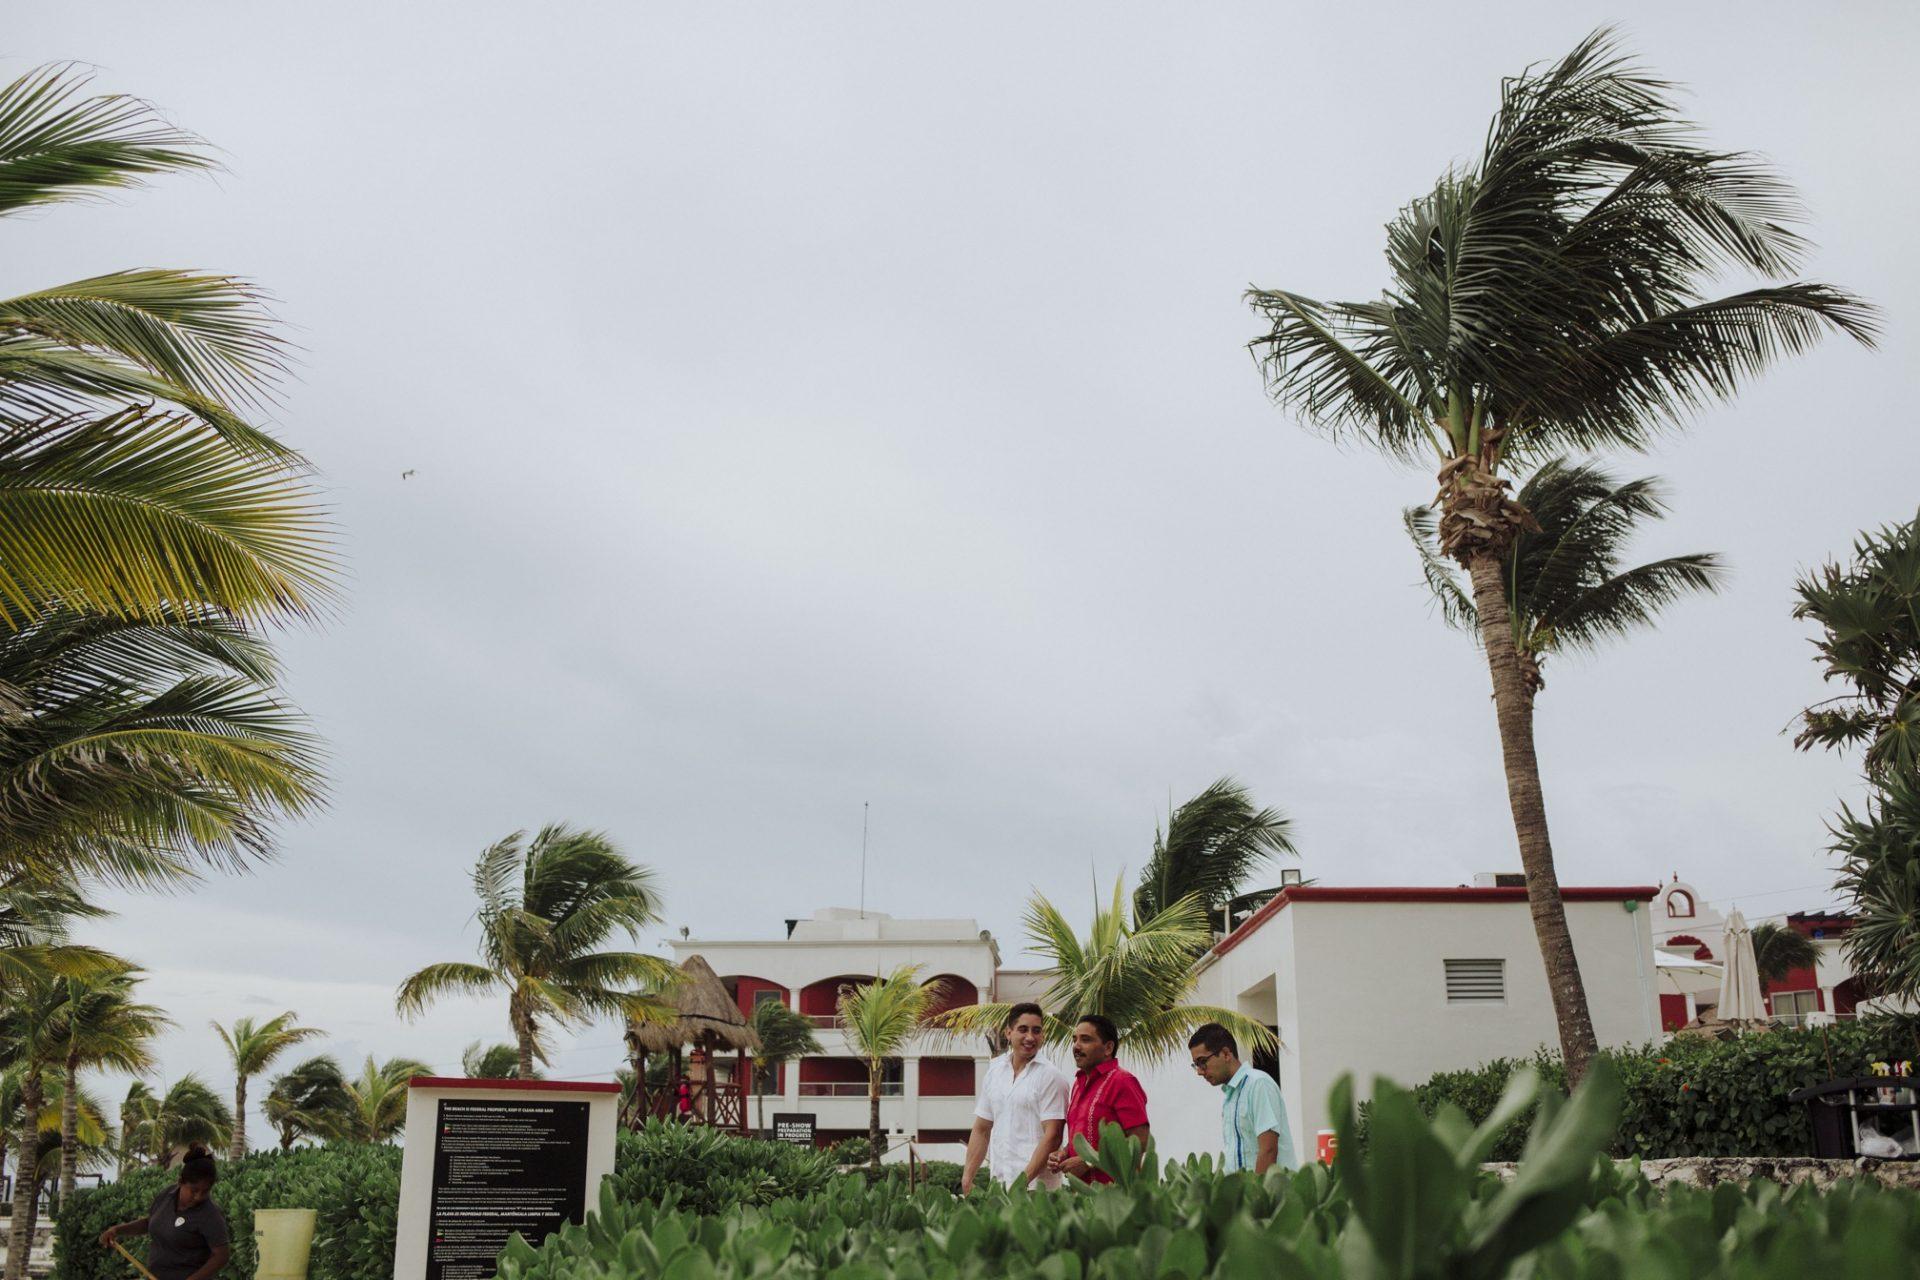 fotografo_bodas_profesional_zacatecas_riviera_maya_cancun-23